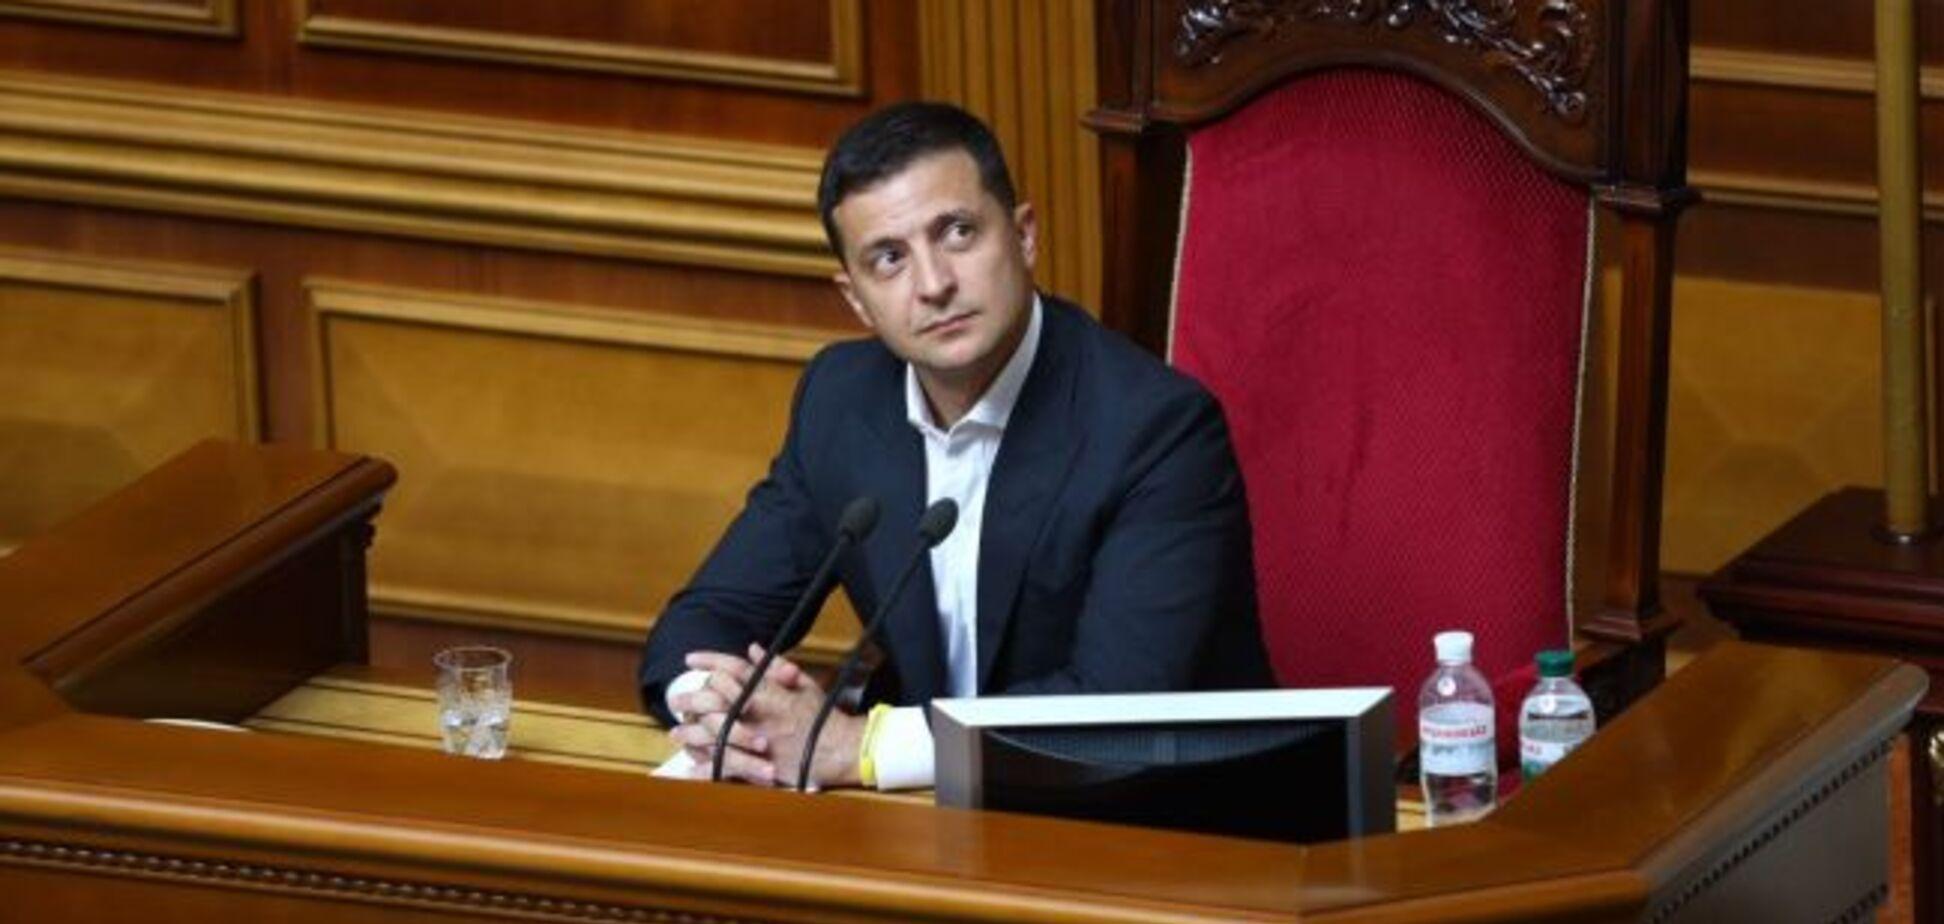 Зеленский срочно созвал внеочередное заседание Рады: всплыла причина